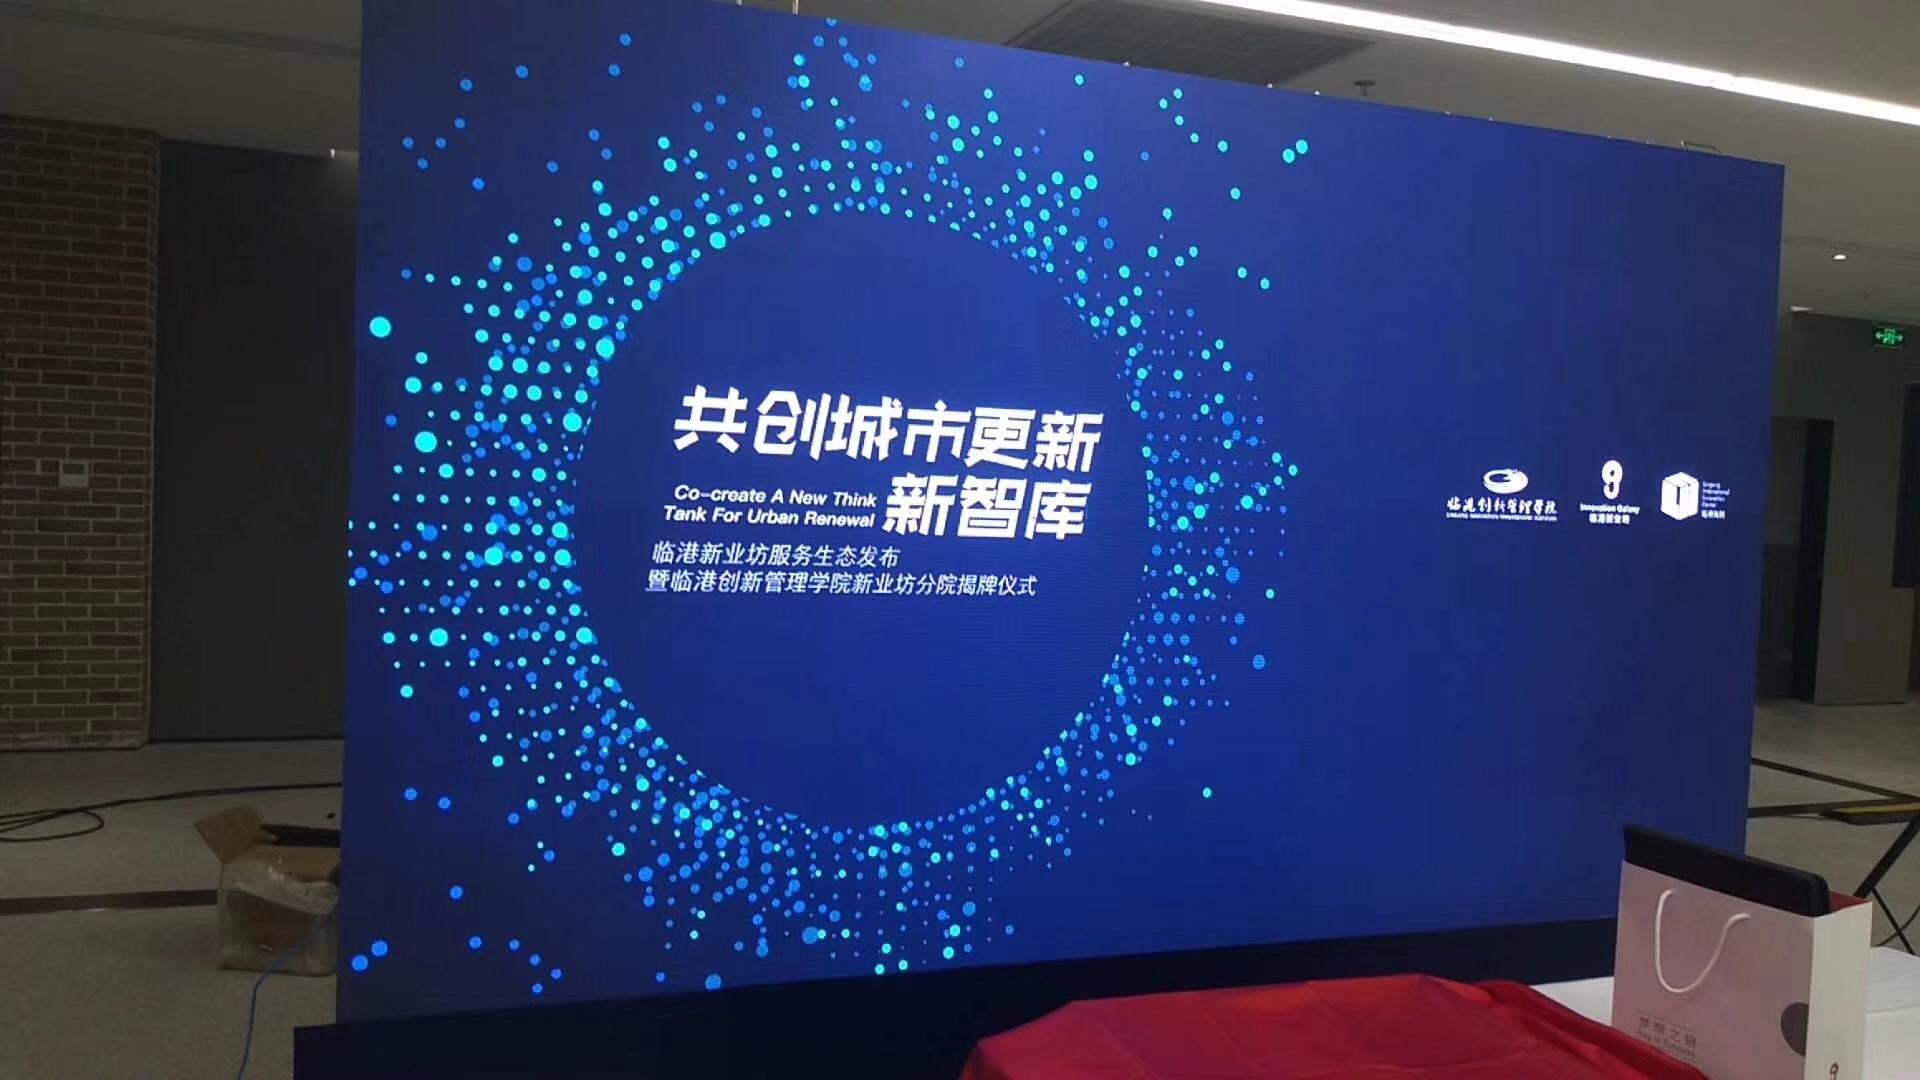 上海Led大屏租赁有什么特点